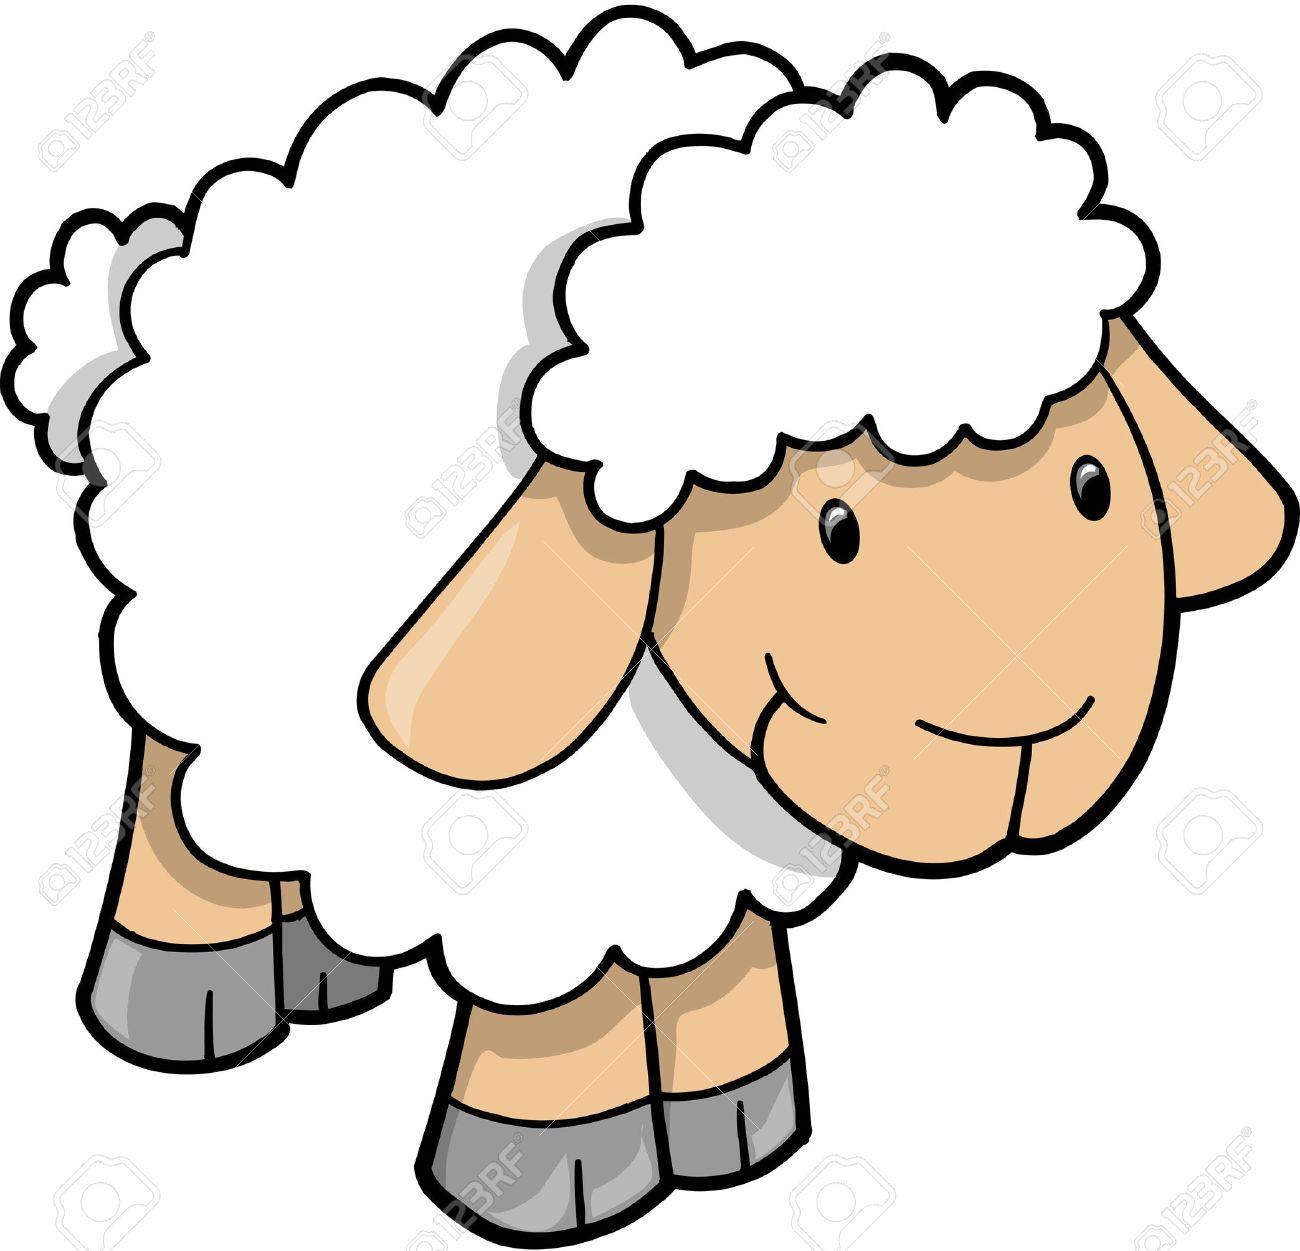 sheep vector illustration royalty free cliparts vectors and stock rh 123rf com sheep vector free download sheep vector logo